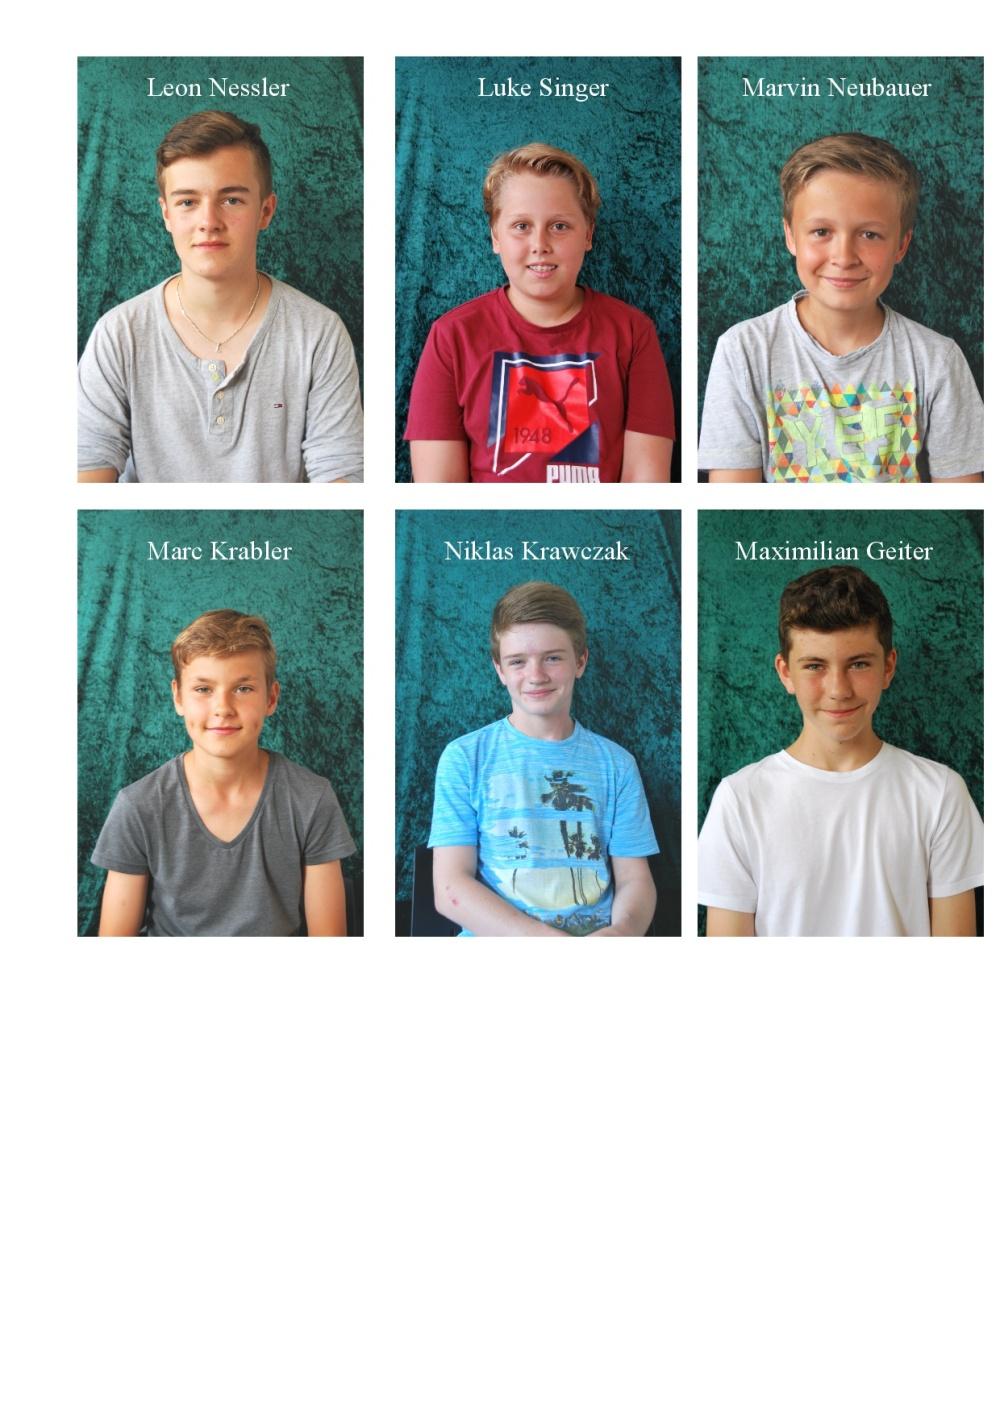 2015-07-05 Unsere Konfis 2015-16-002